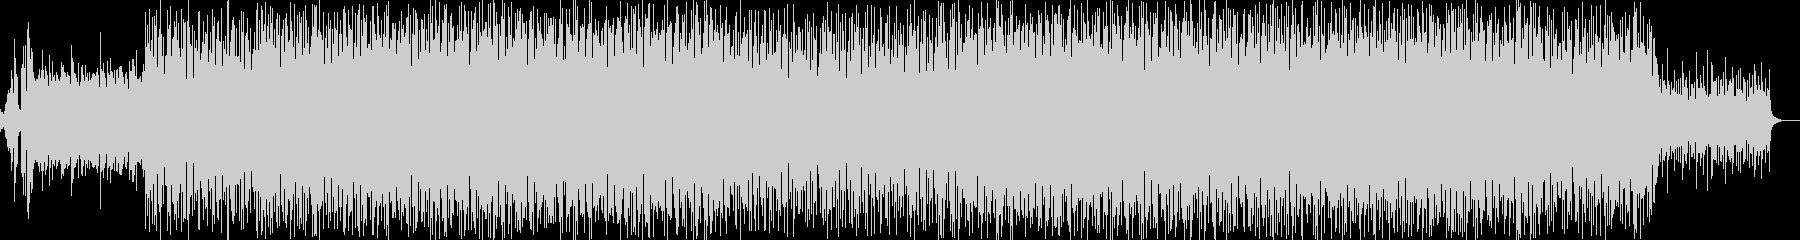 シンセアンサンブルによるポップで軽快な曲の未再生の波形